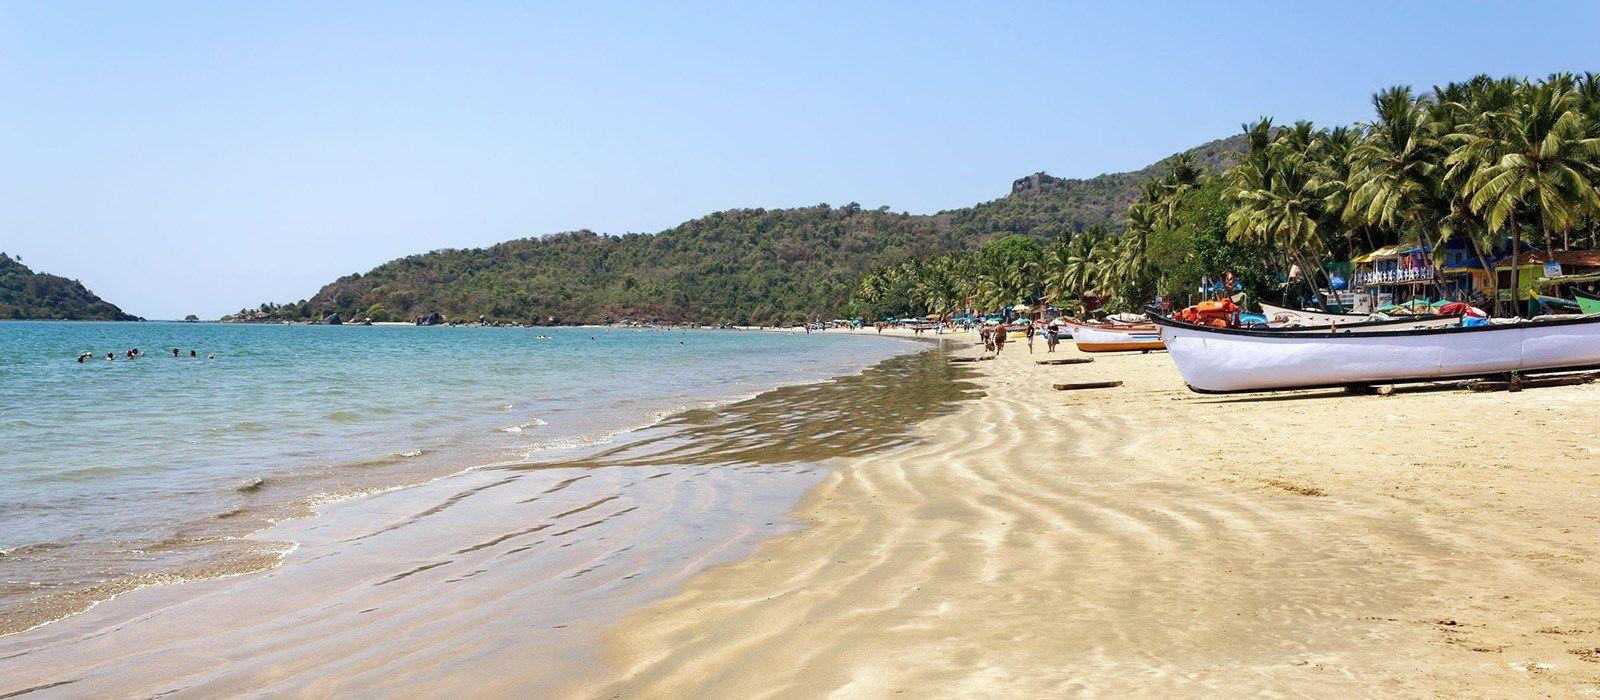 Rundreise: Prächtiges Rajasthan & entspanntes Kerala Urlaub 7